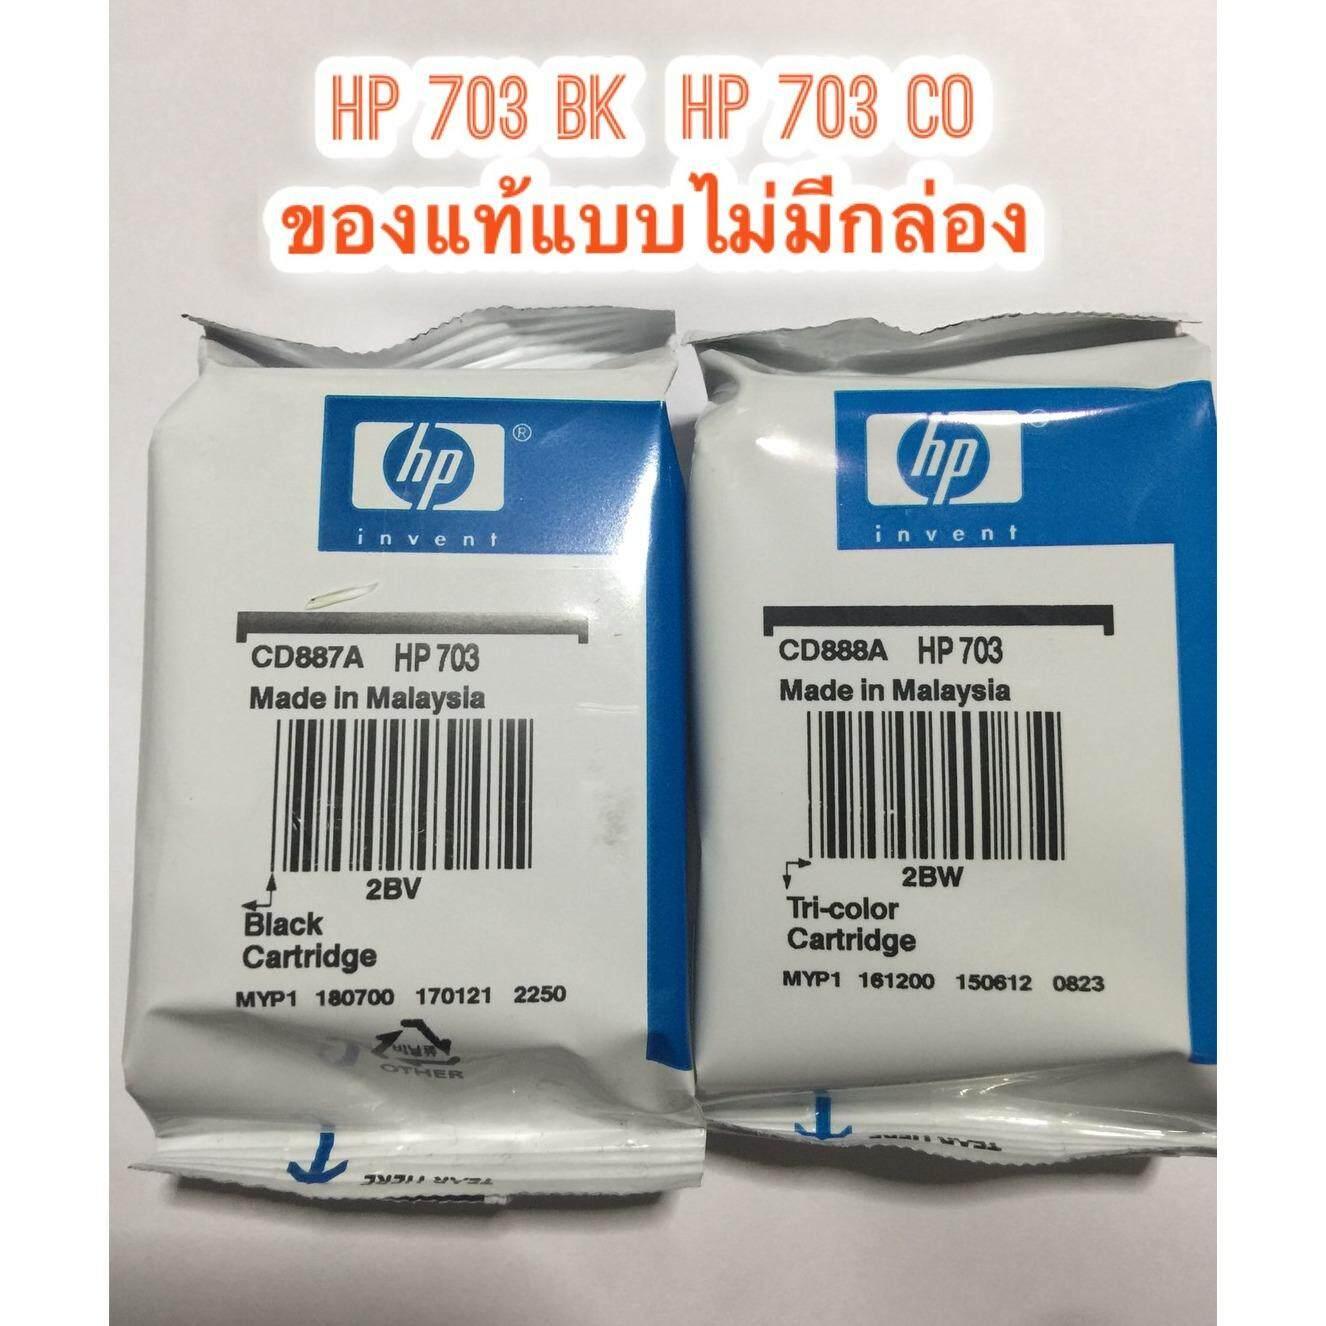 ขาย Hp 703 Cd887Aa Black Hp 703 Cd888Aa Tri Color แบบไม่มีกล่อง No Box Hp Ink And Toner Cartridge ใน กรุงเทพมหานคร